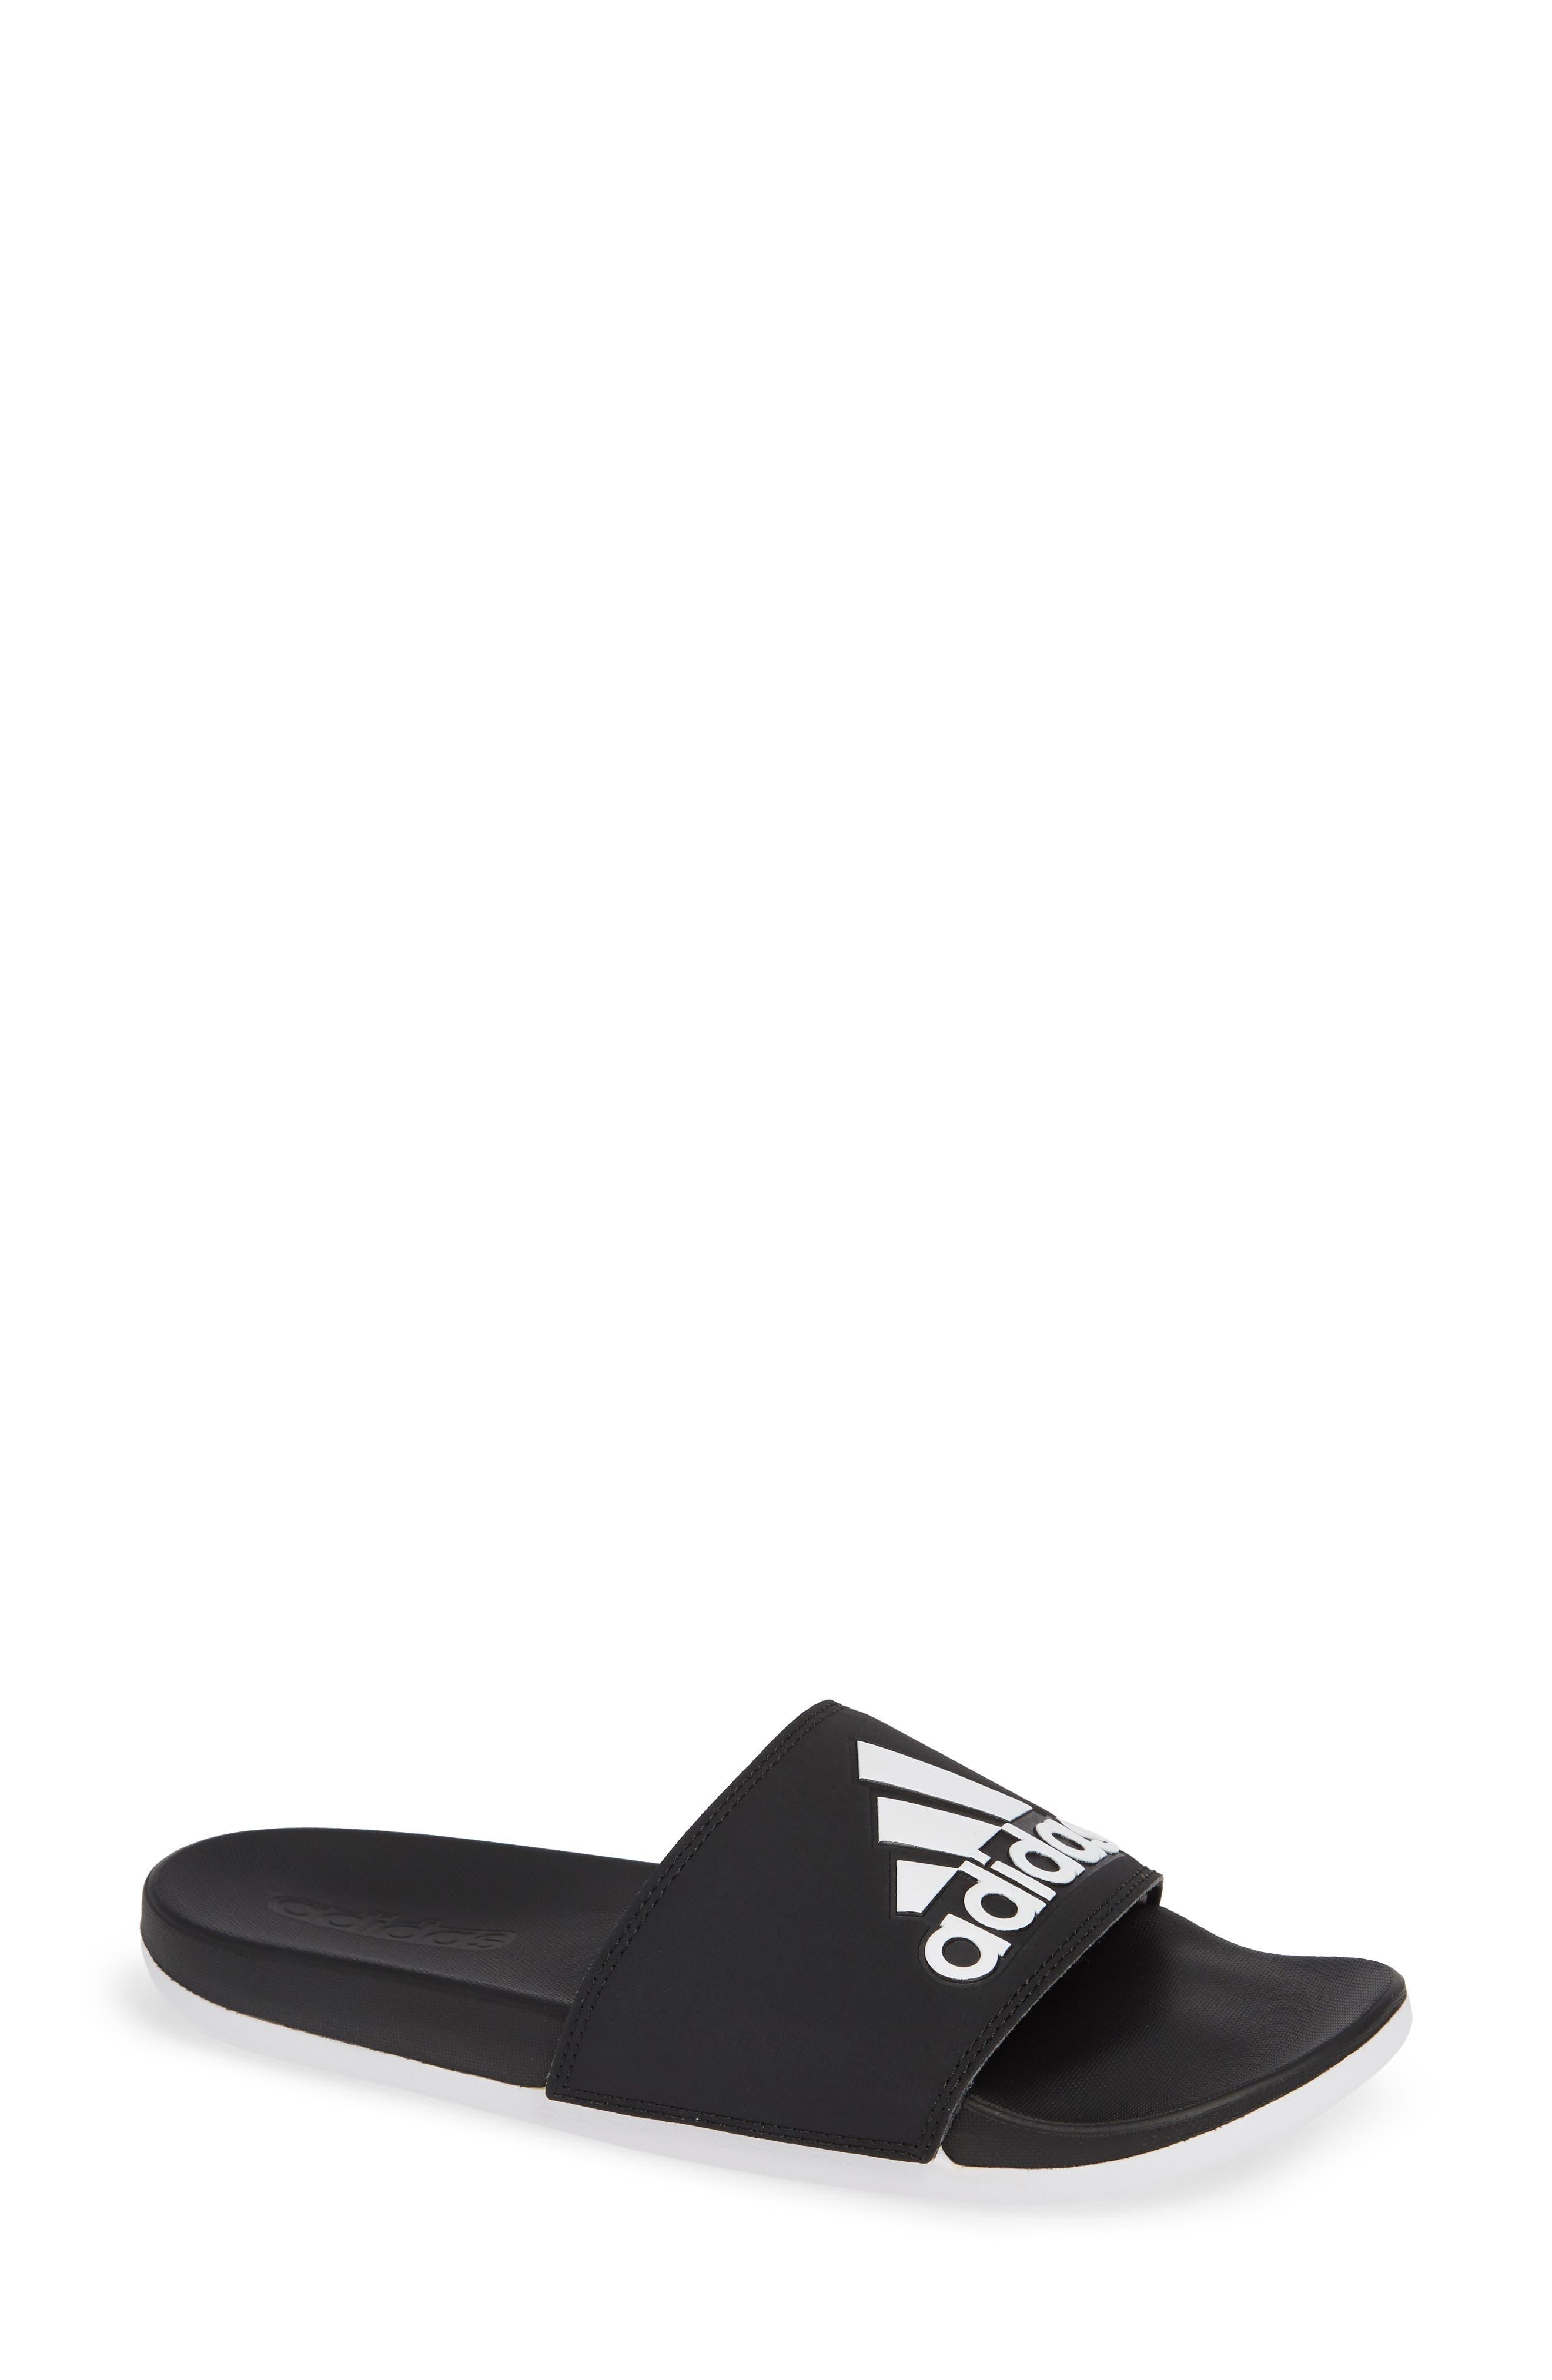 4be4fd9d6b14 adidas sandals